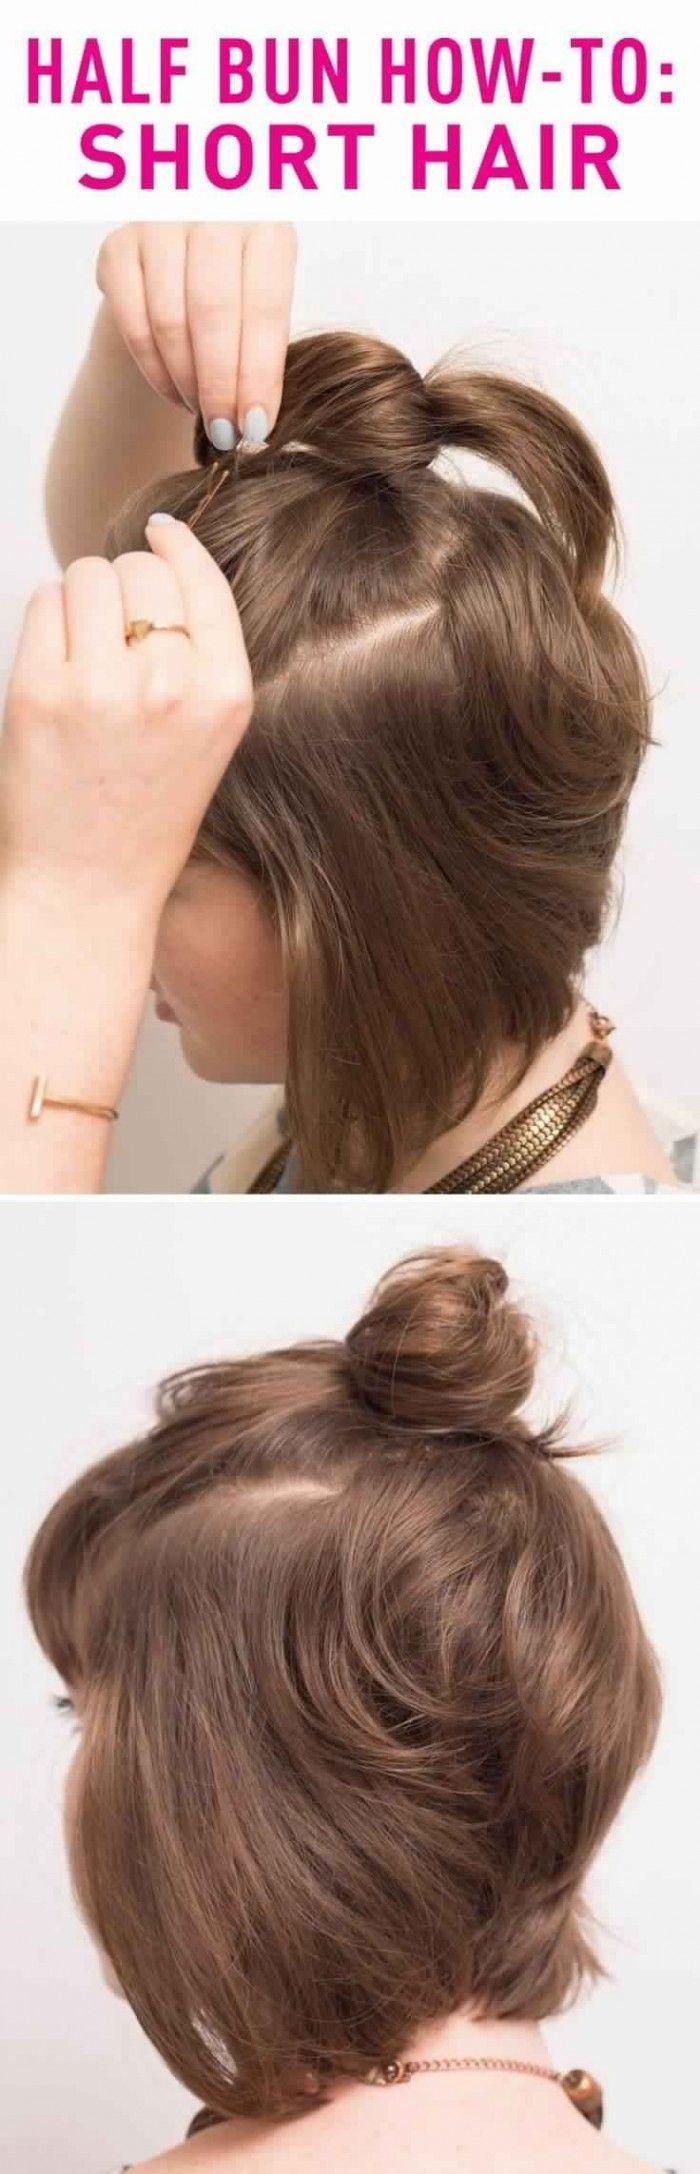 20 coiffures classes, faciles et rapides pour cheveux courts que chaque femmes doit savoir